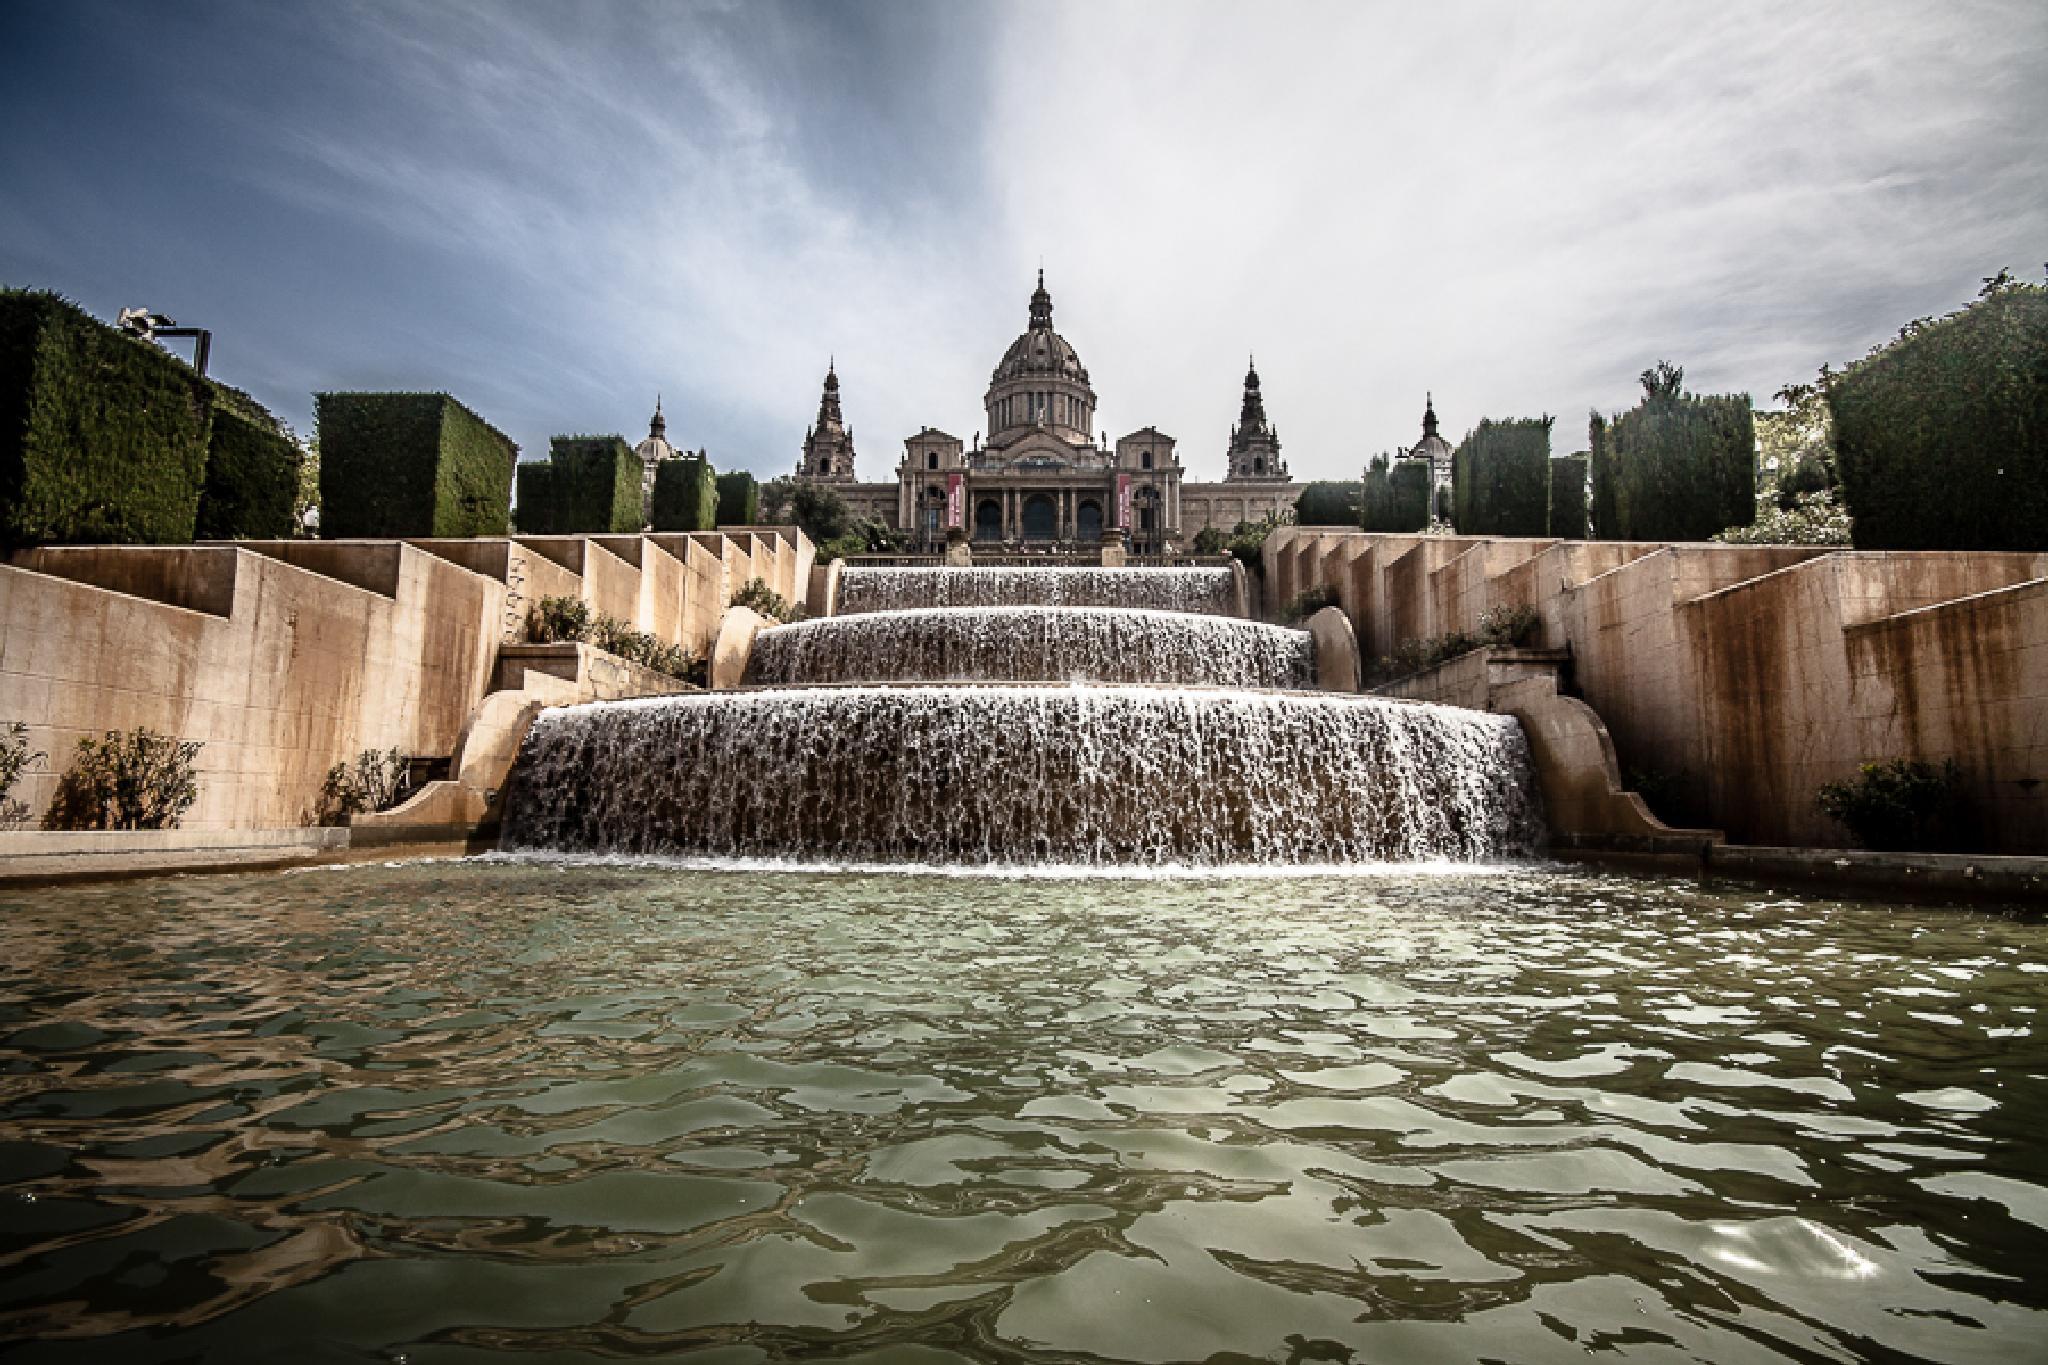 #033 - Museu Nacional d'Art de Catalunya by Oliver Pinkoss